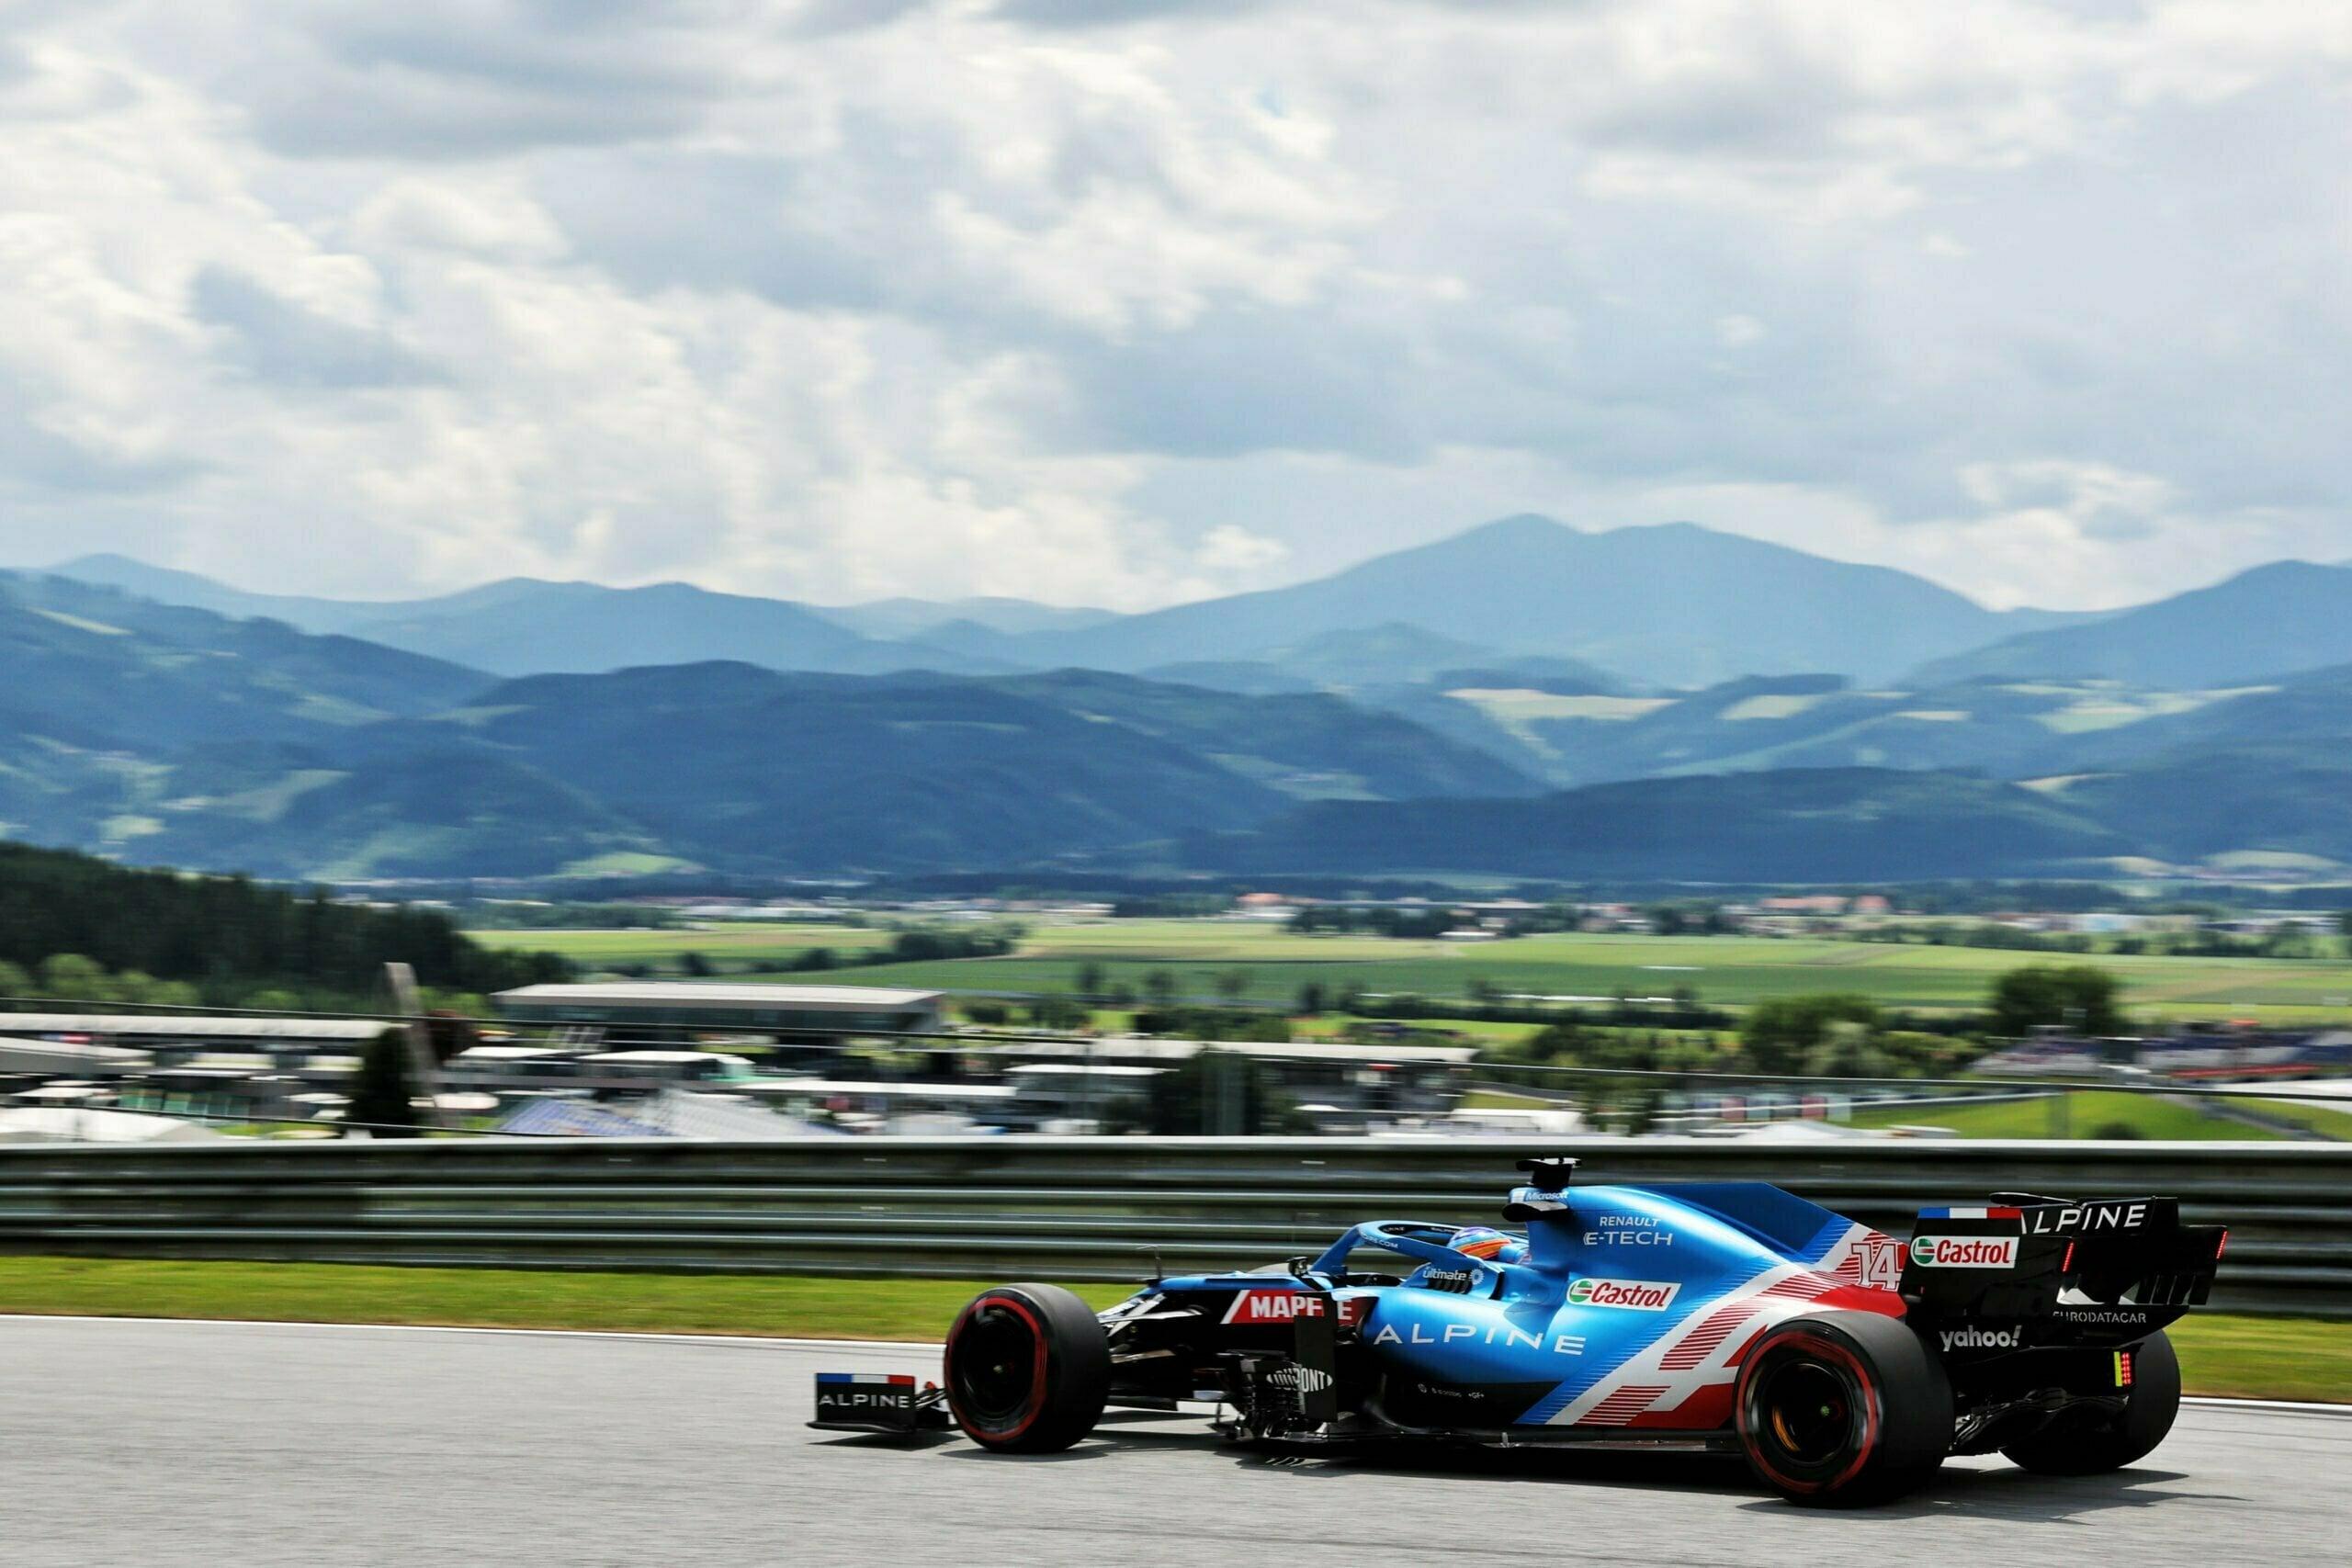 Alpine F1 Team Alonso Ocon Autriche Steiermark Grand Prix Spielberg A521 2021 17 scaled   Alpine F1 : Alonso réitère la Q3 et Ocon trébuche en Q1 à Spielberg